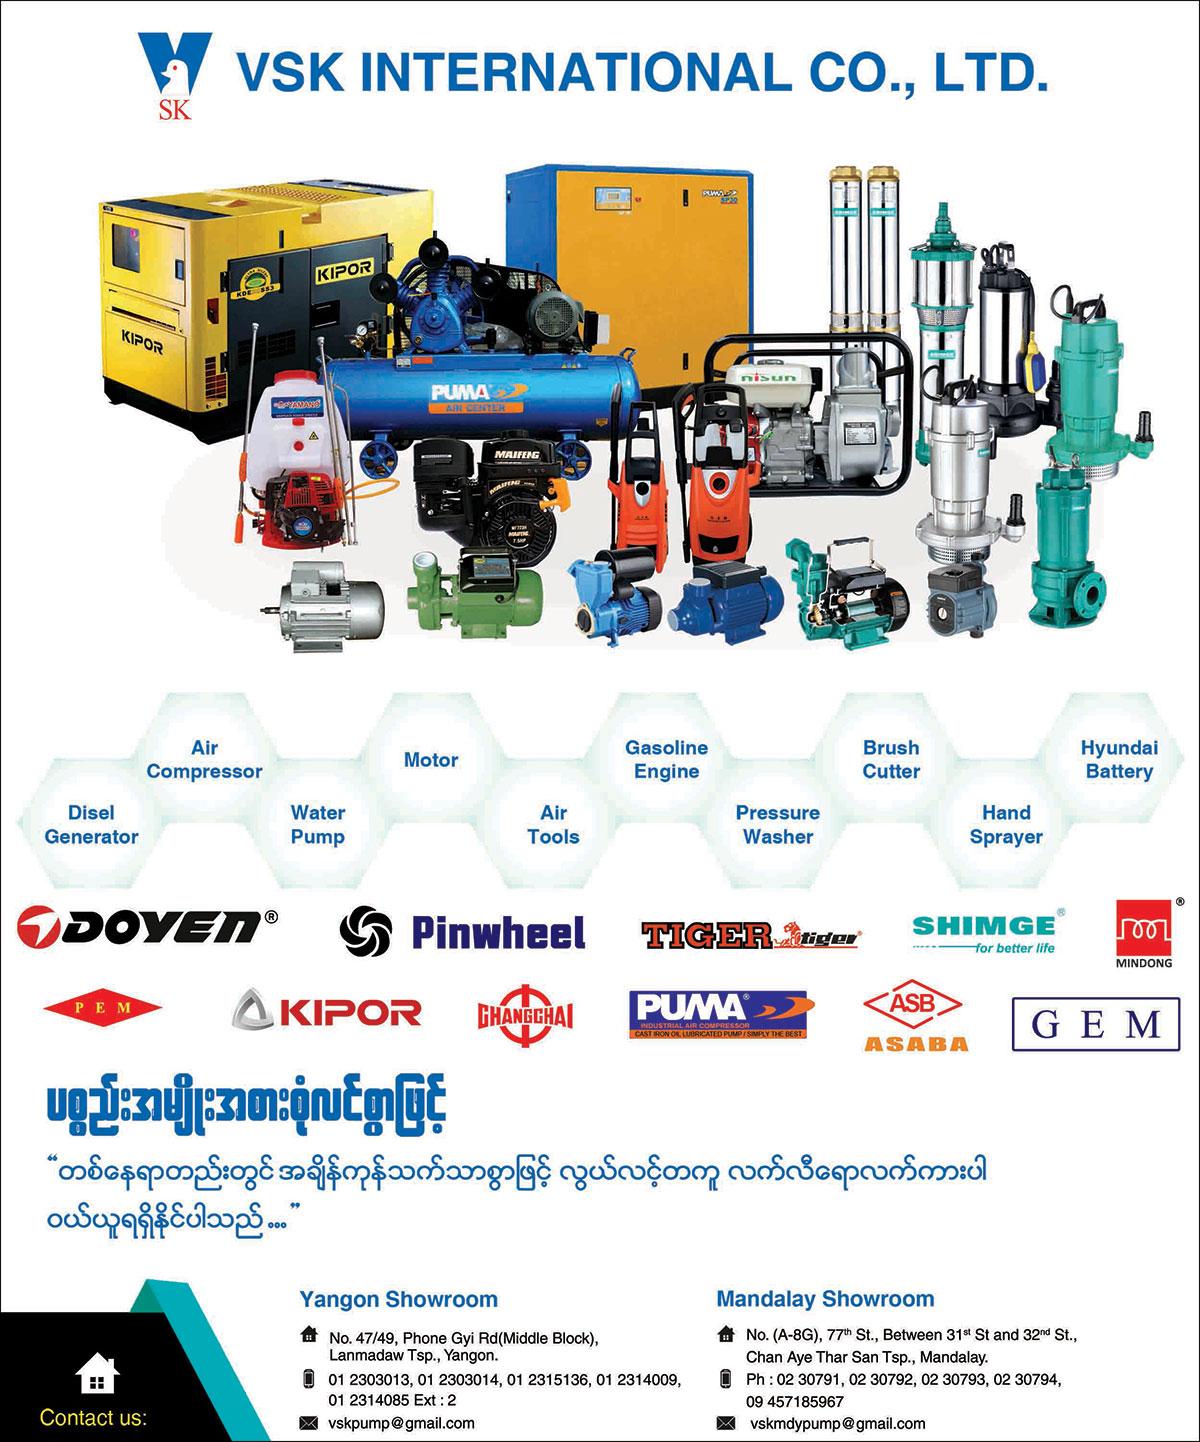 VSK International Co., Ltd.New Code